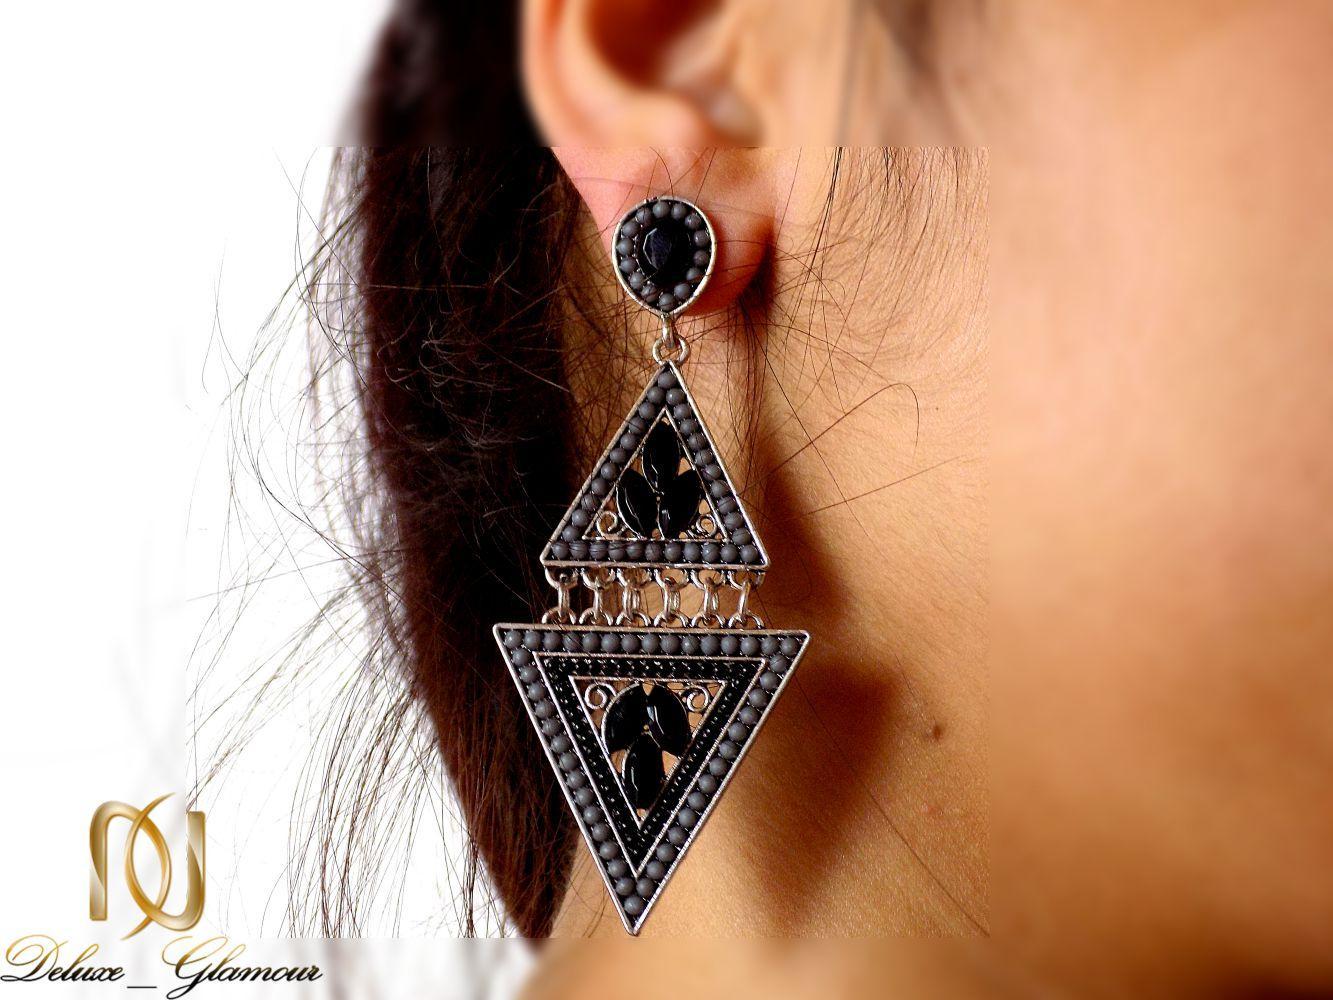 گوشواره زنانه مشکی طرح سنتی با نگین زیرکونیا و لاکی er-n151 از نمای روی گوش